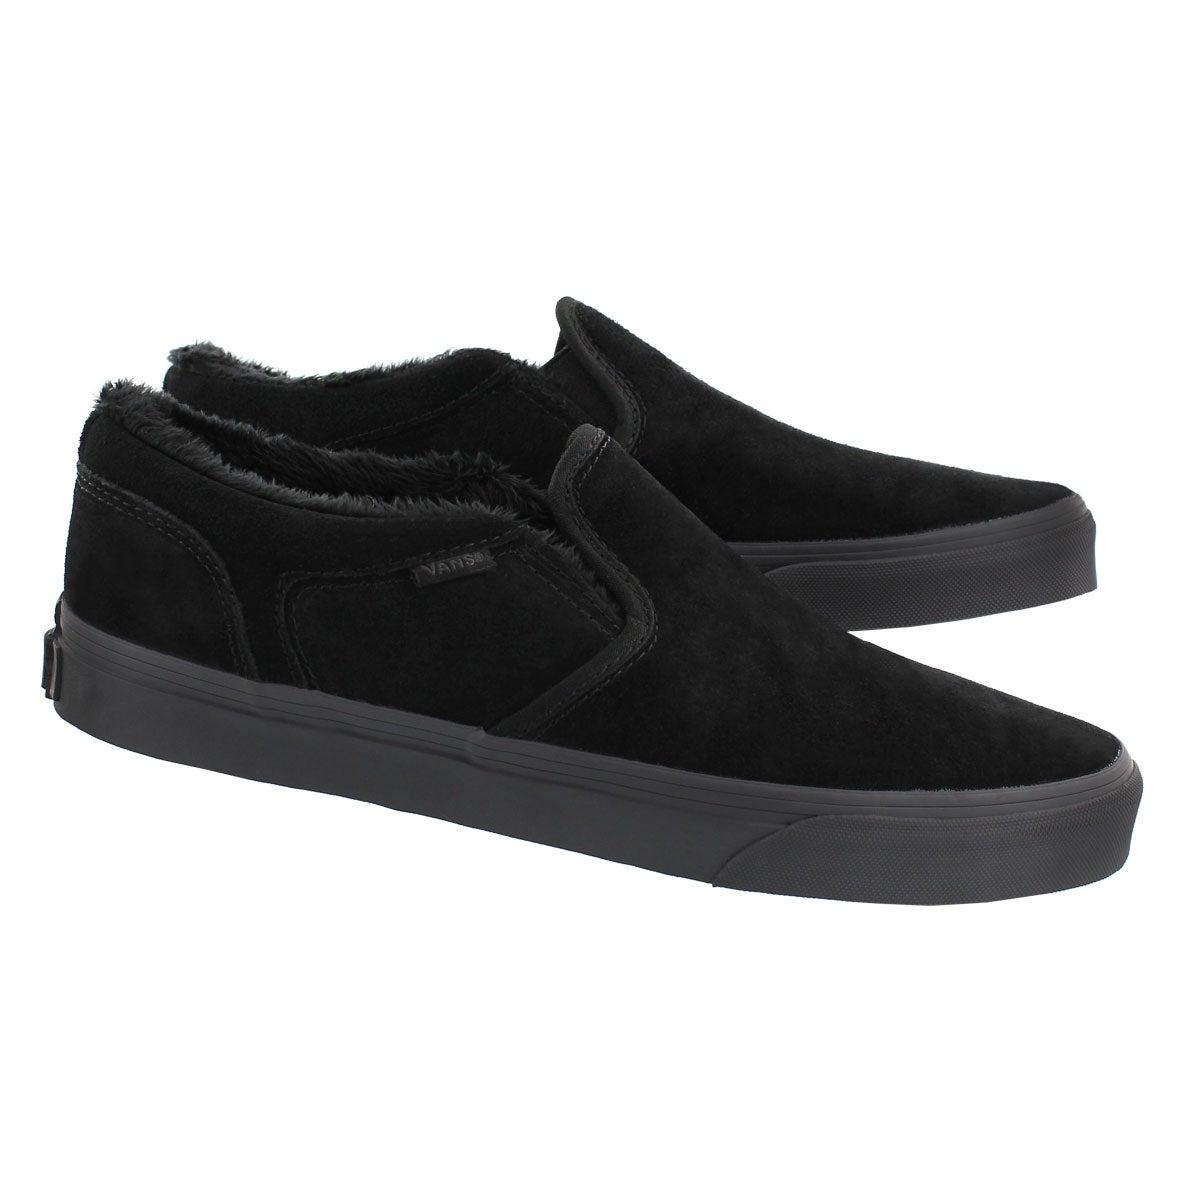 Mns Asher MTE blk/gry slipon sneaker